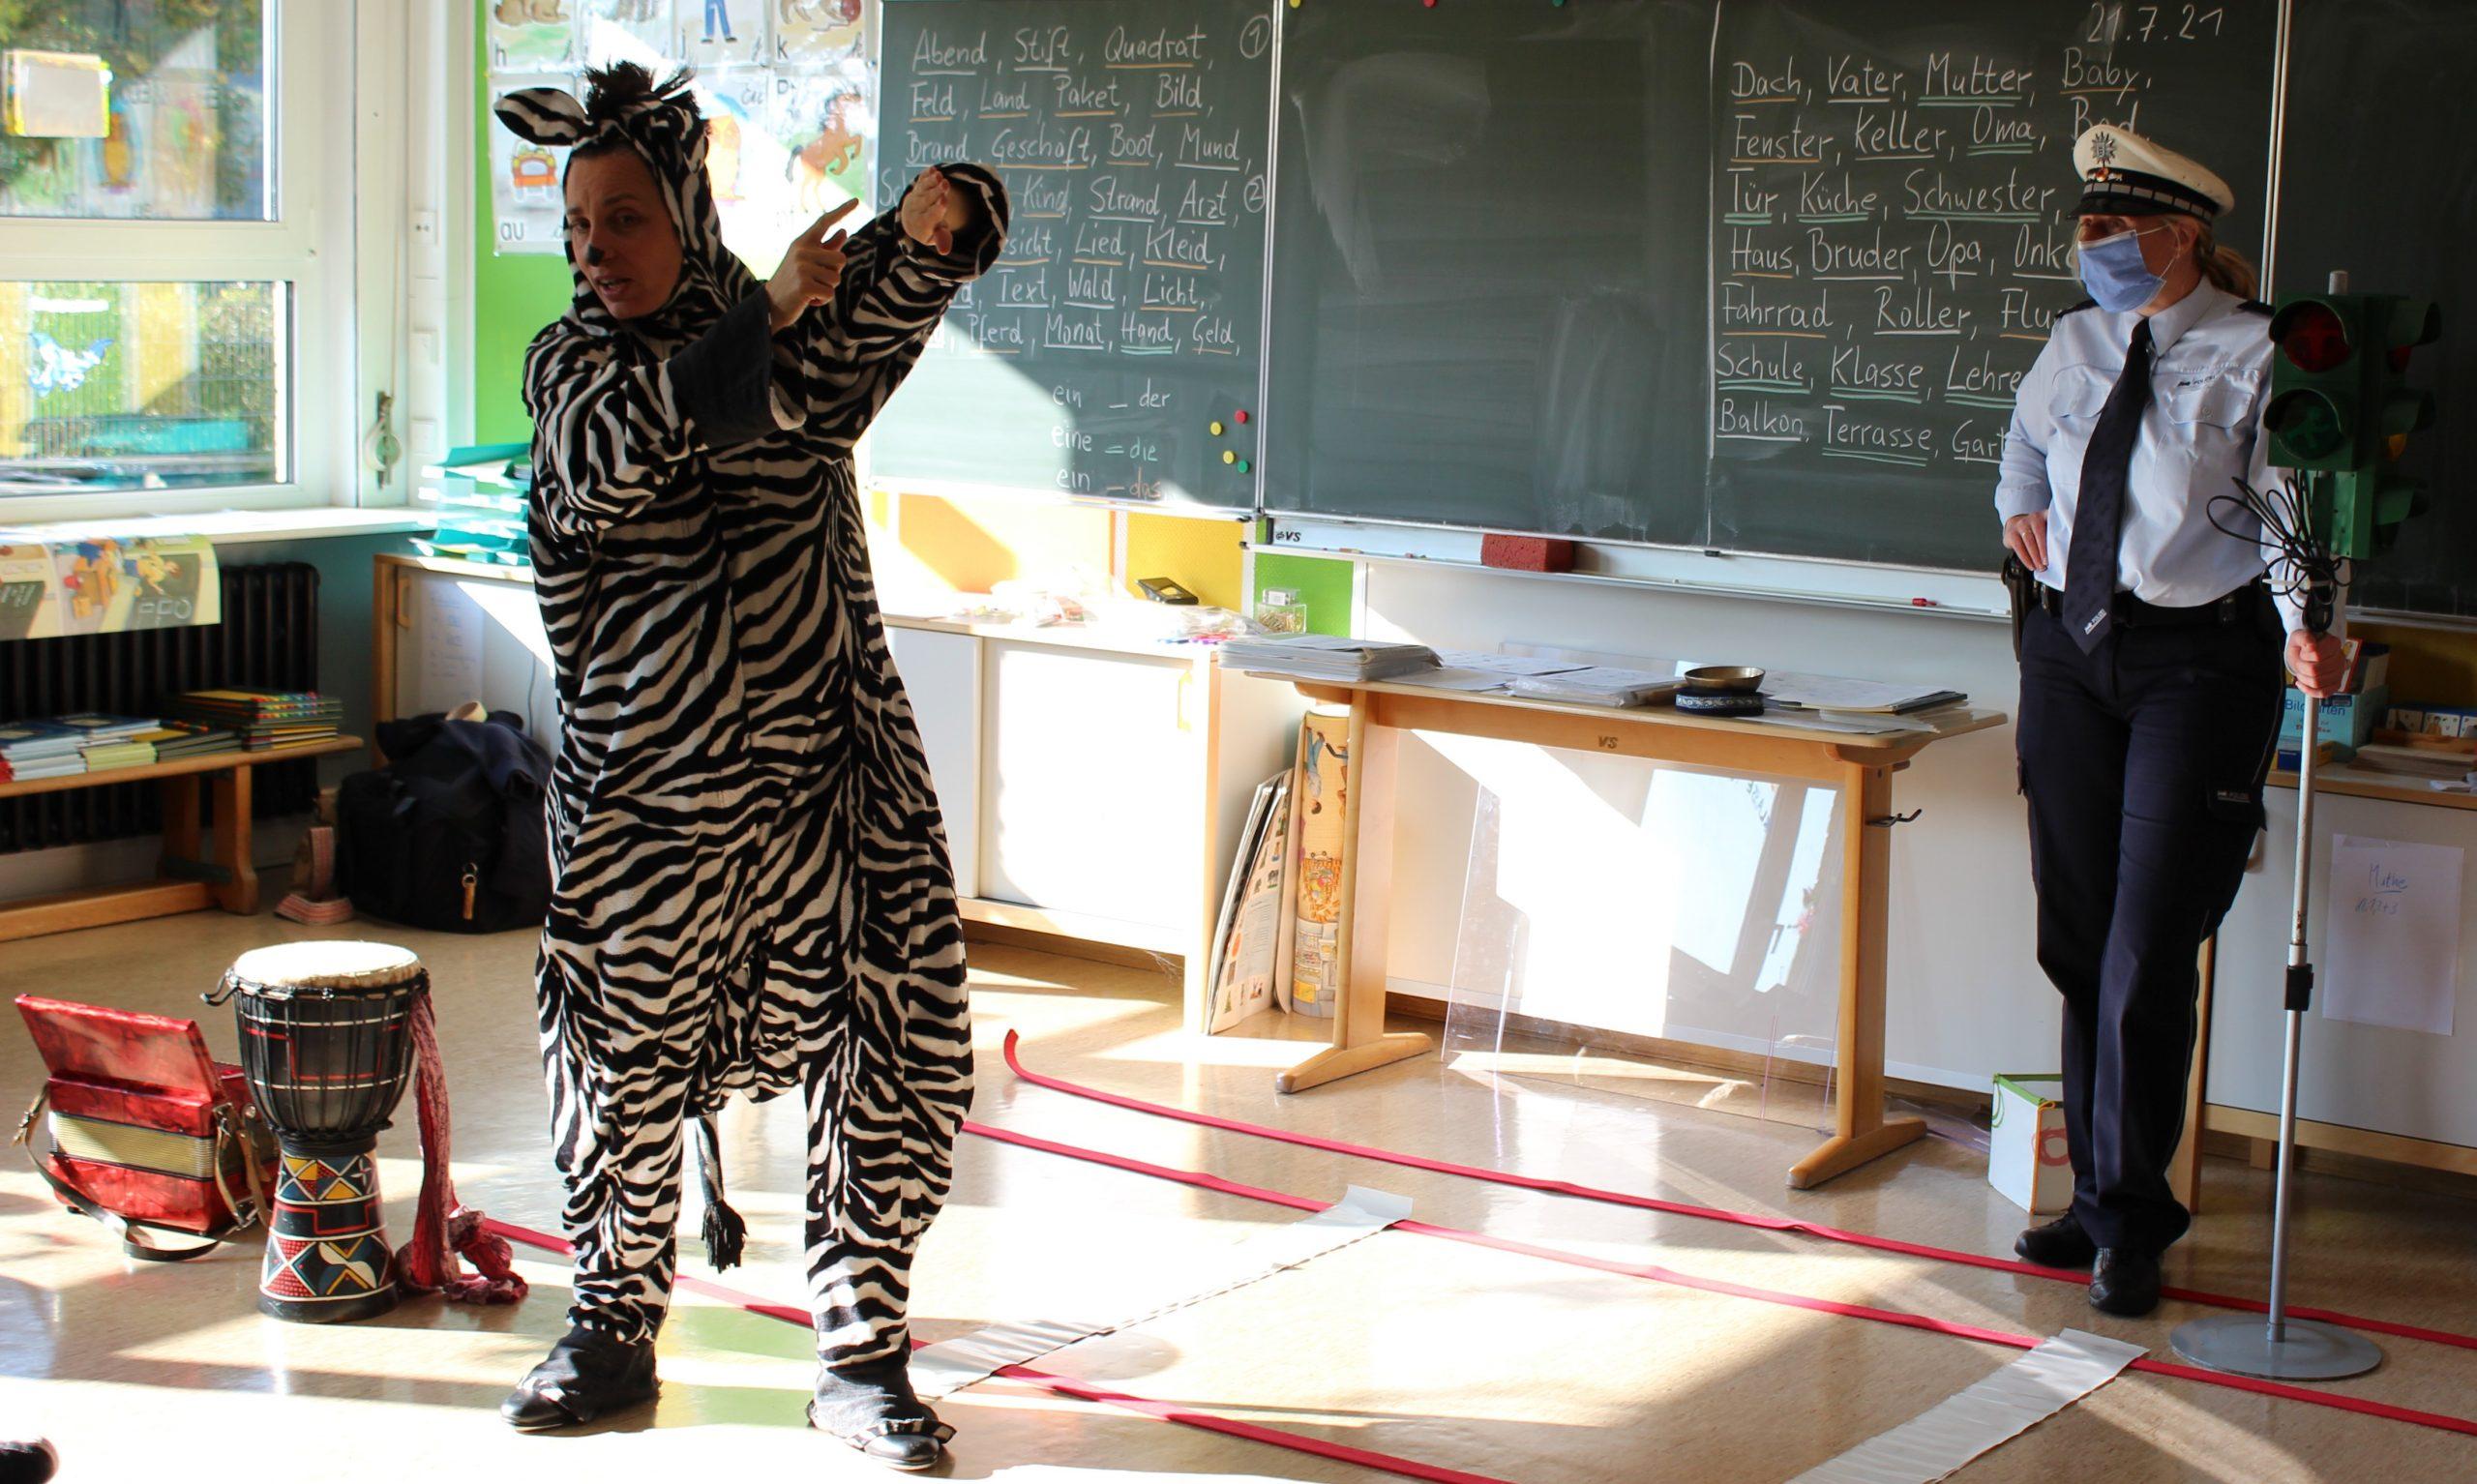 Ein Zebra hat sich verlaufen